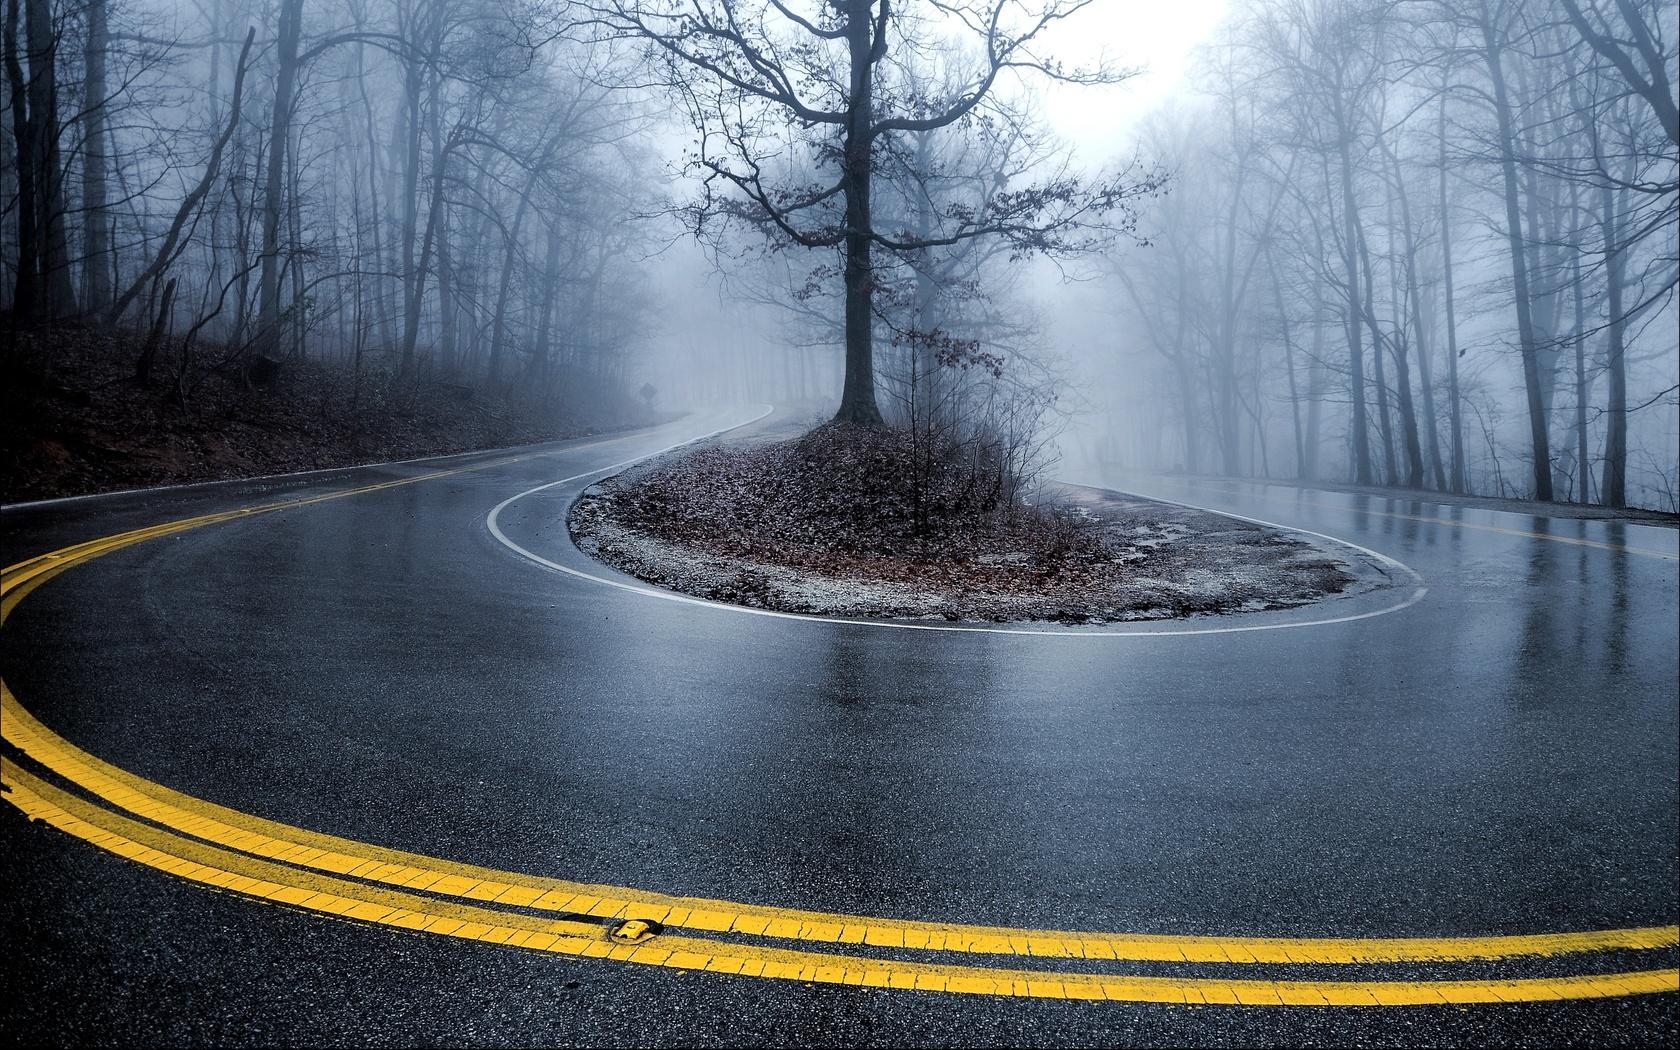 дорога, деревья, поворот, туман